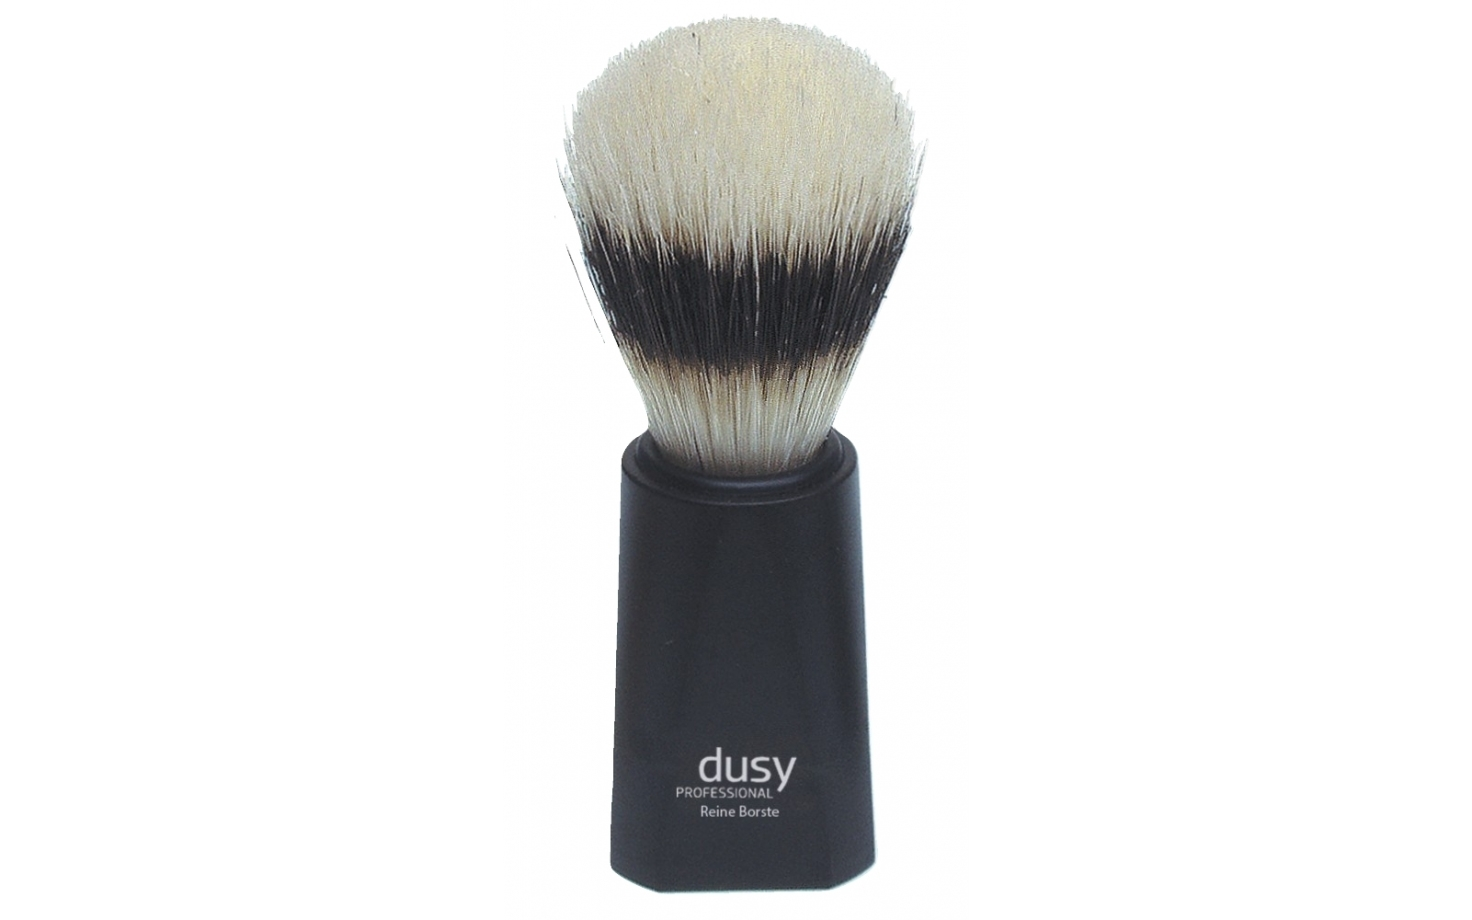 Dusy Rasierpinsel